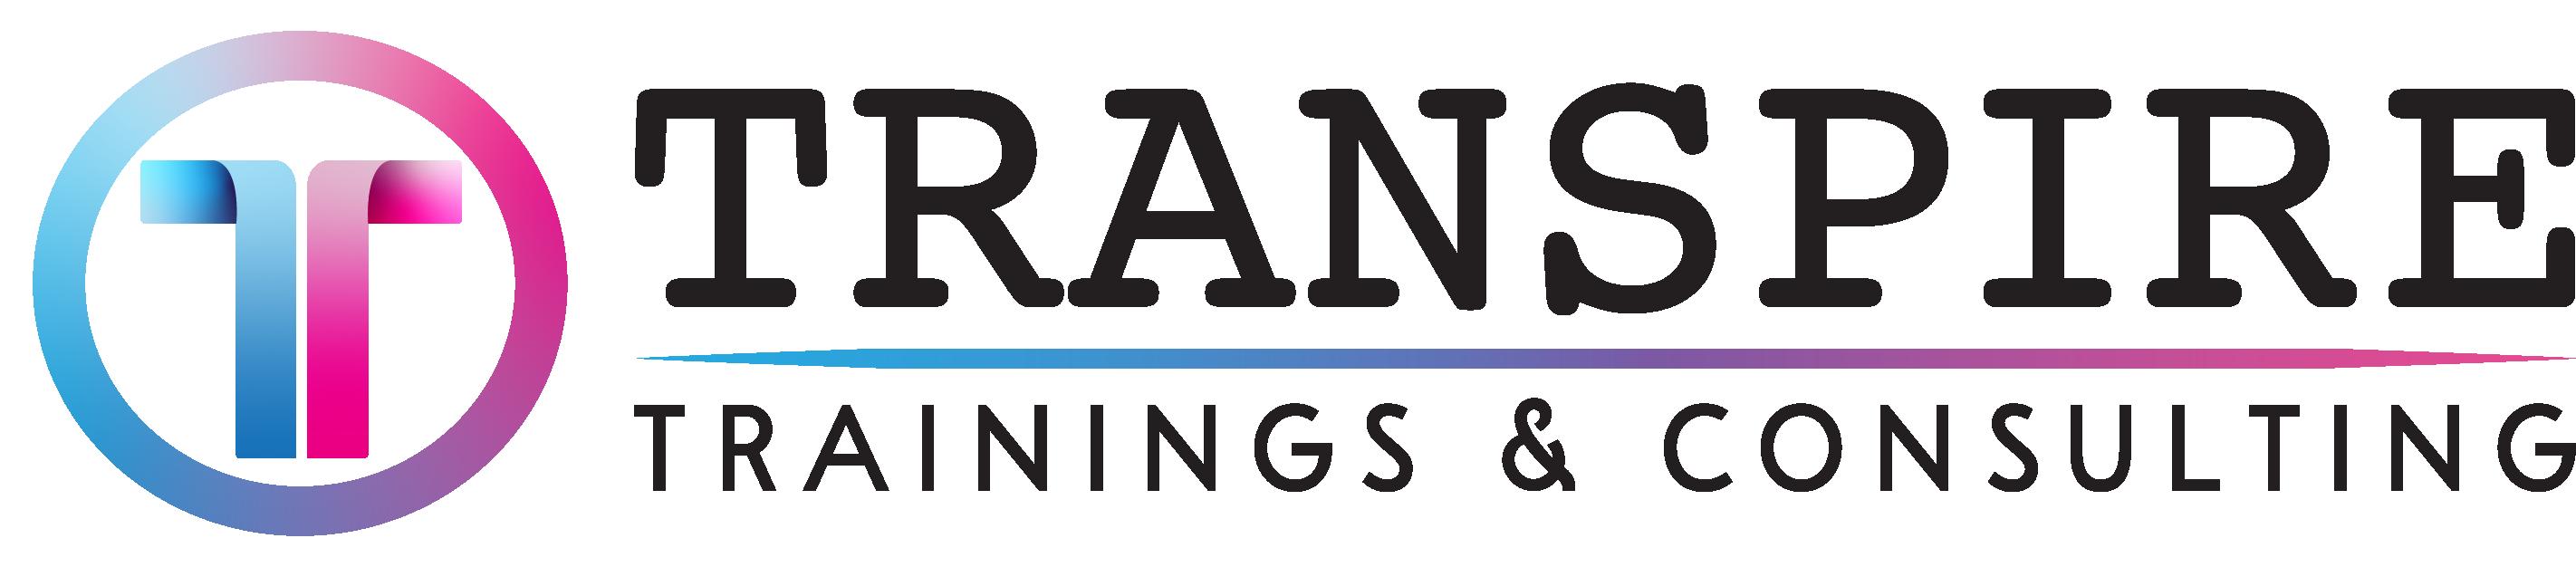 Transpire Trainings & Consulting